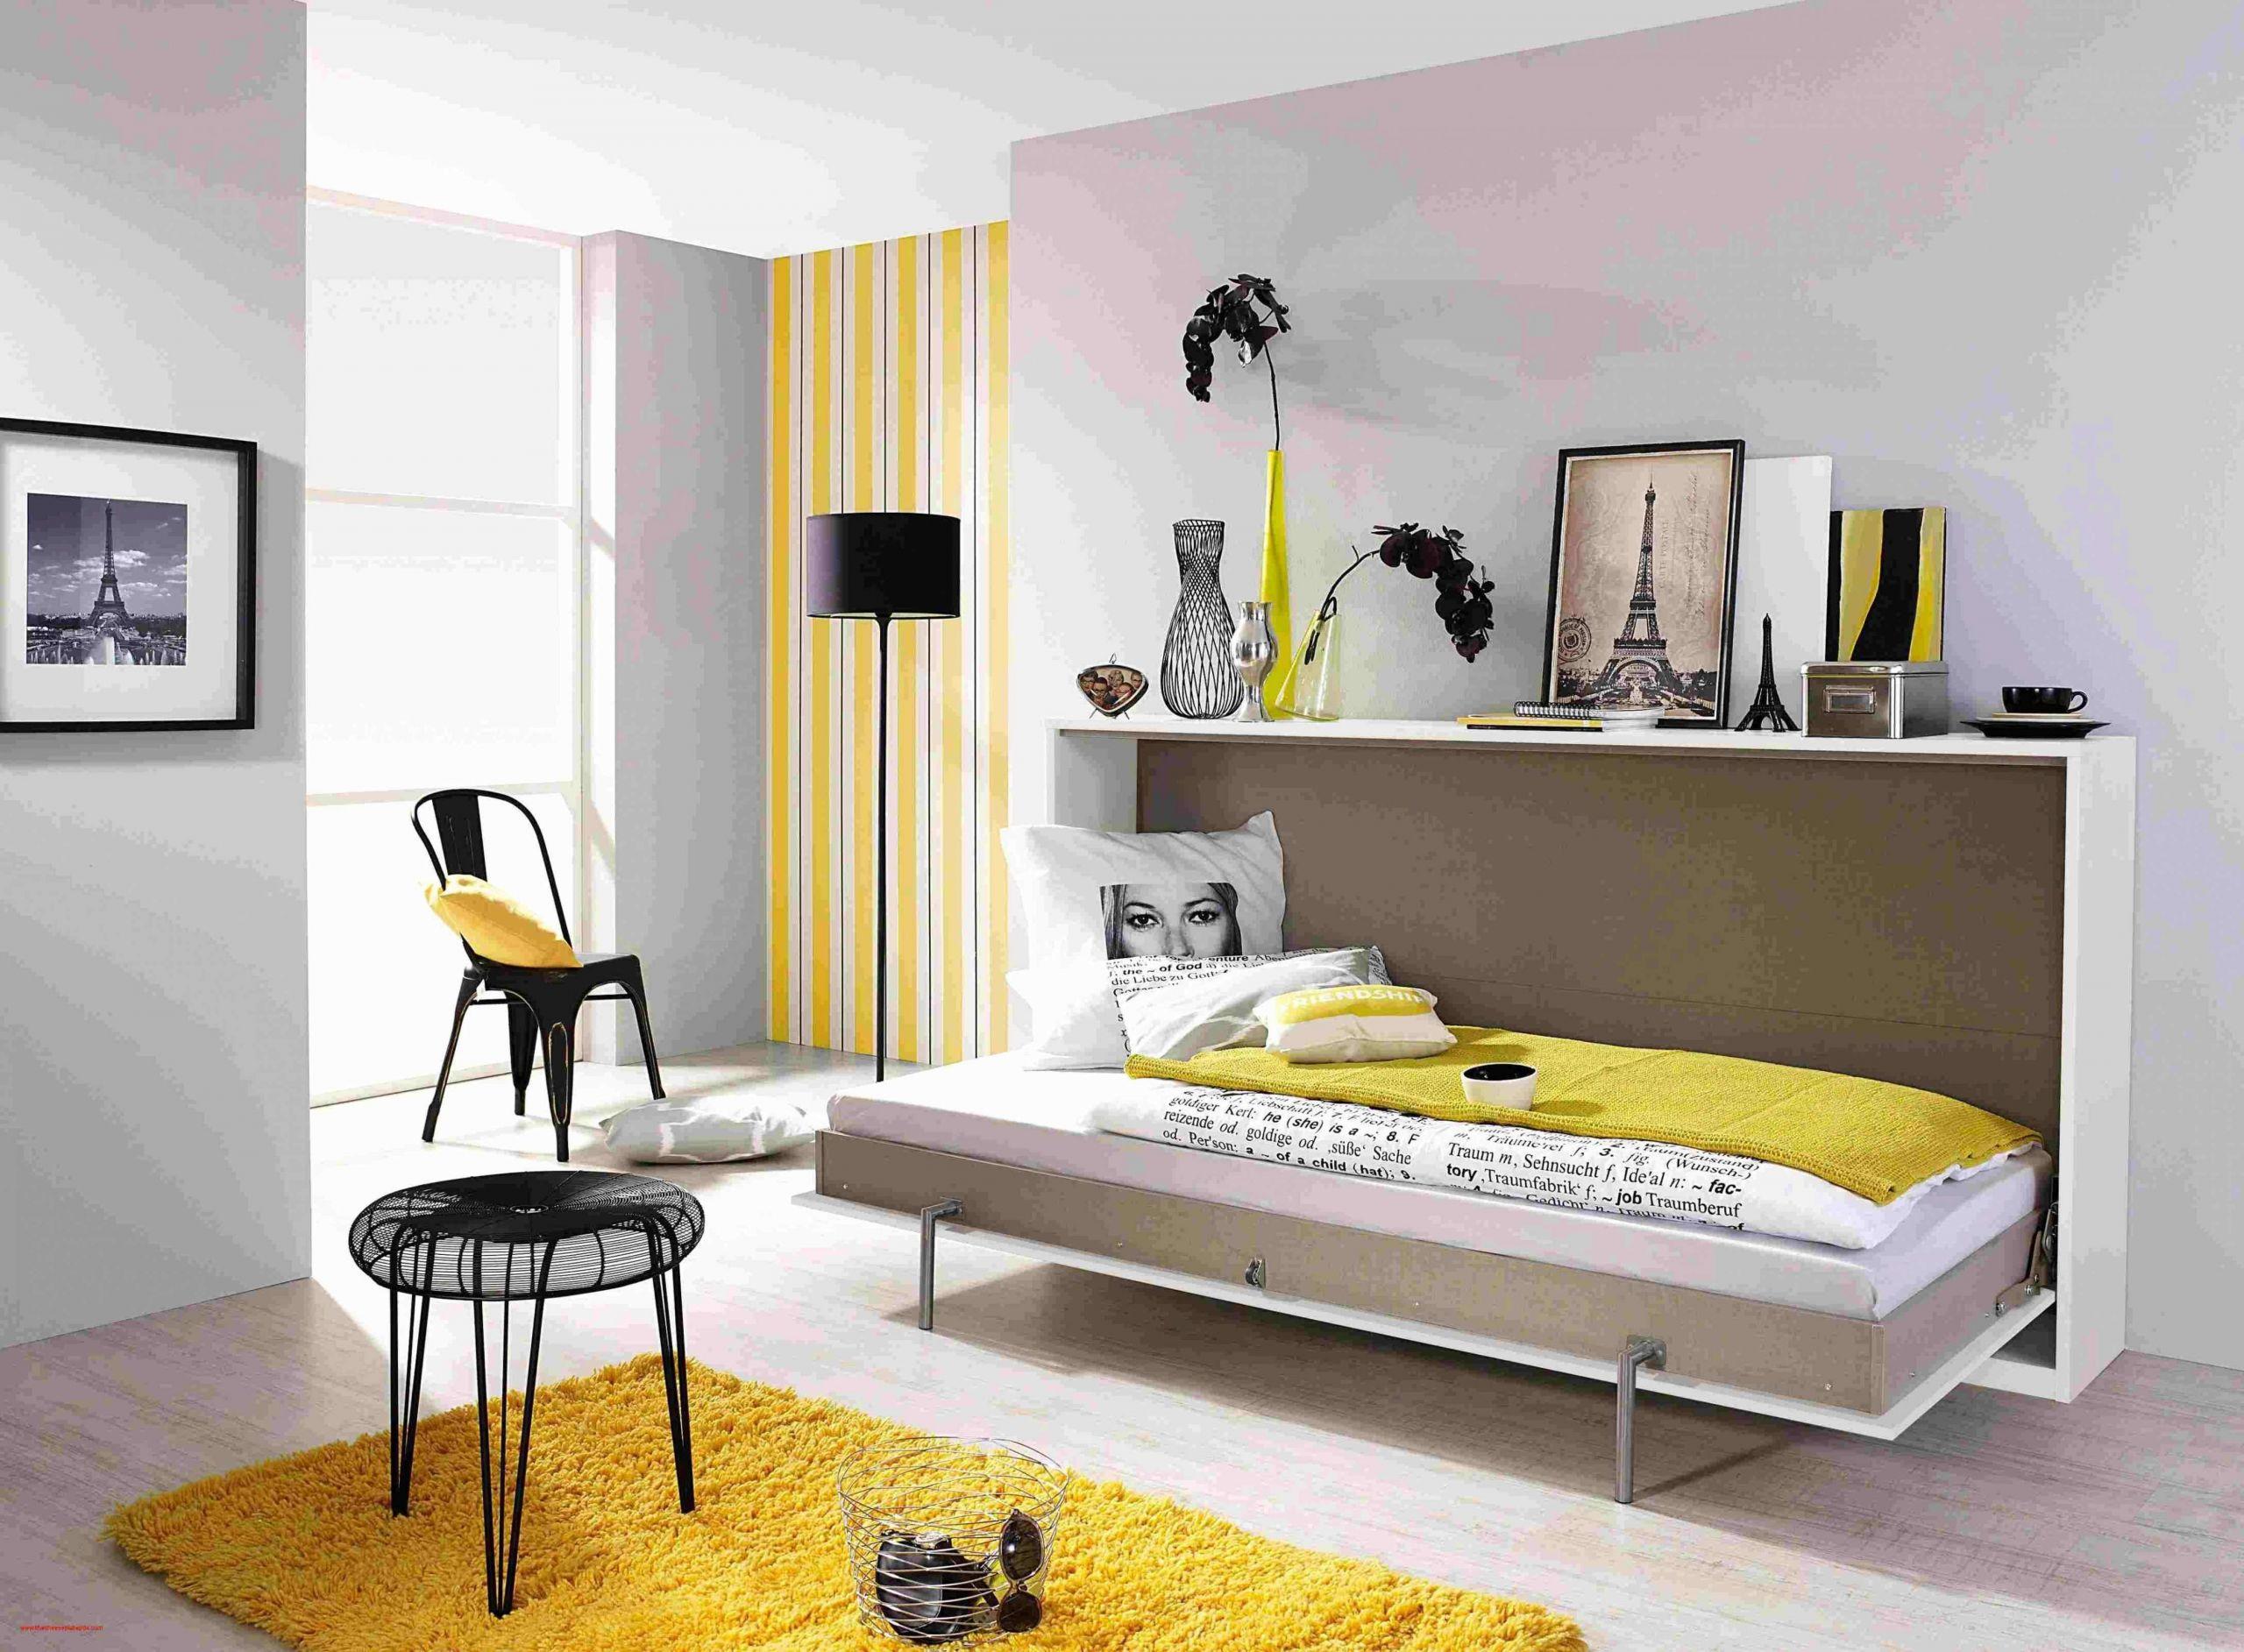 wohnzimmer highboard einzigartig wohnzimmer kommode weis reizend kommode of wohnzimmer highboard